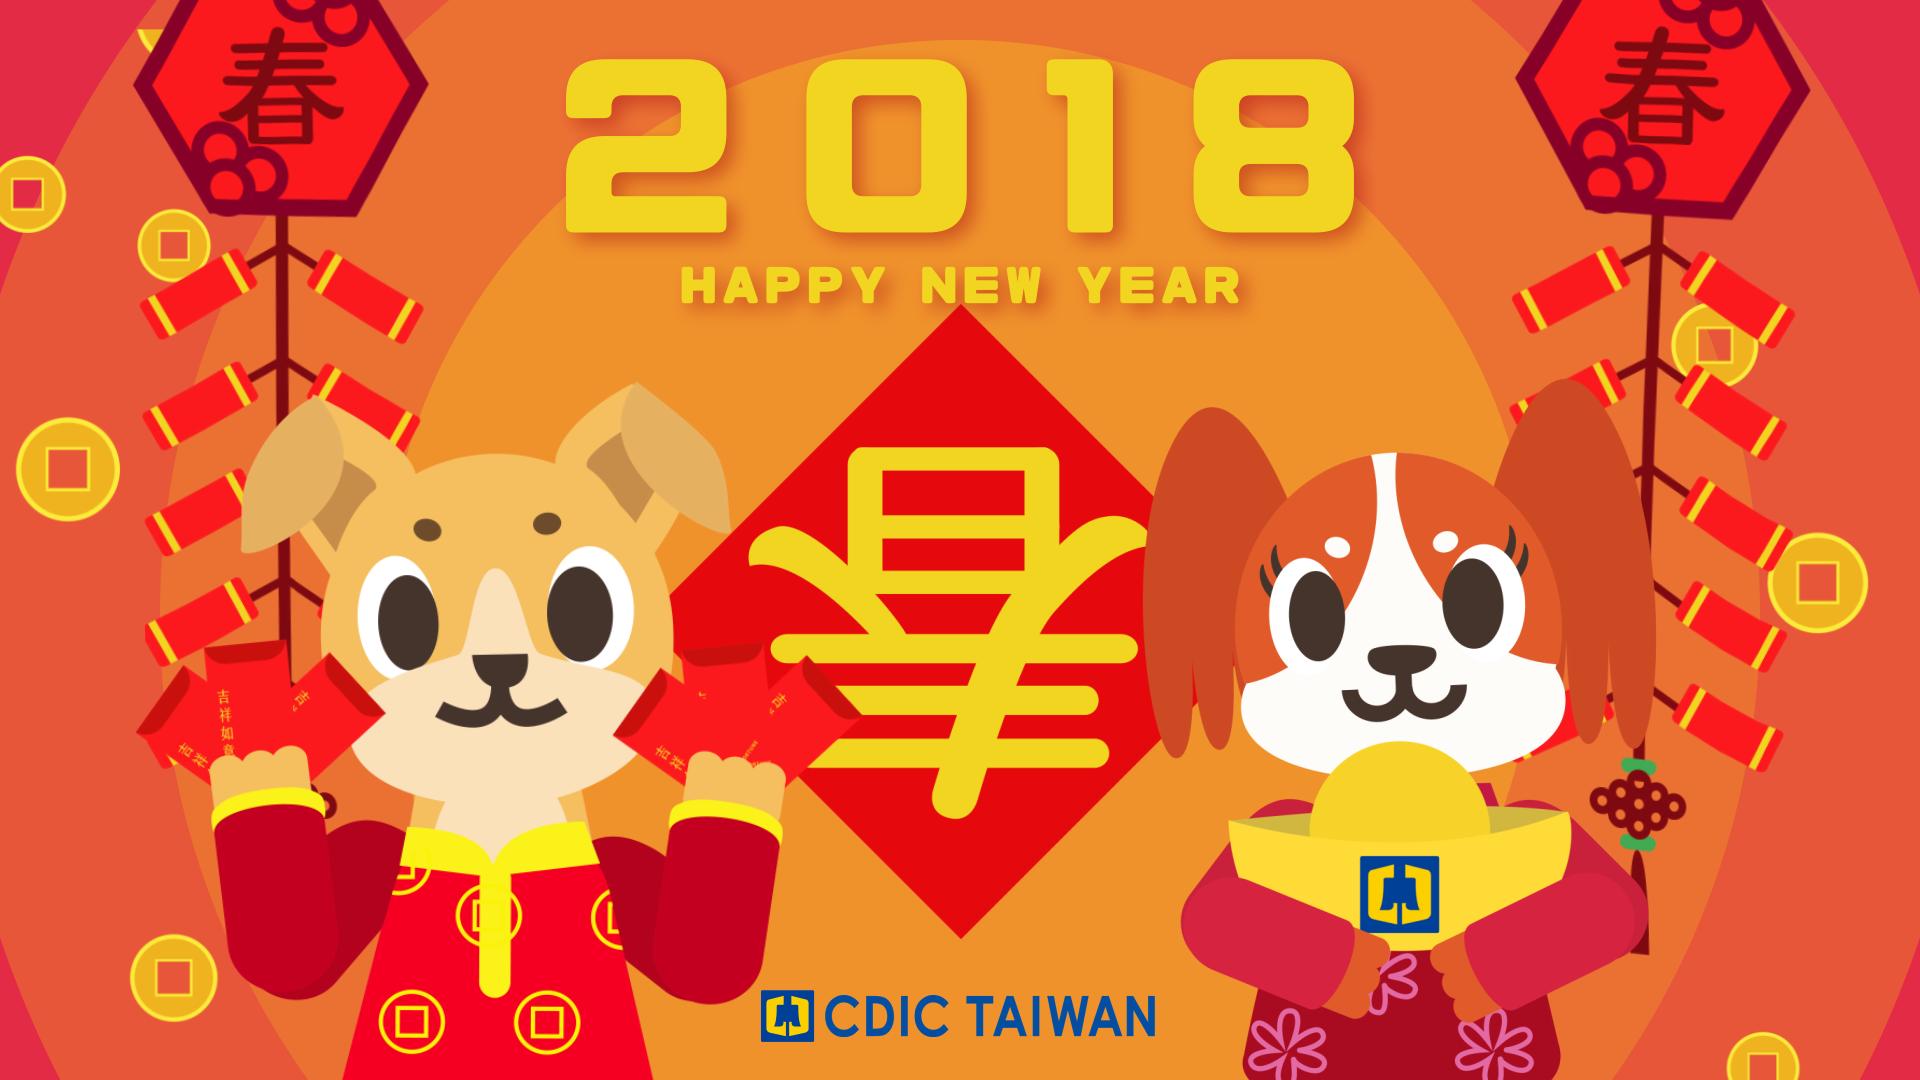 2018 e-card